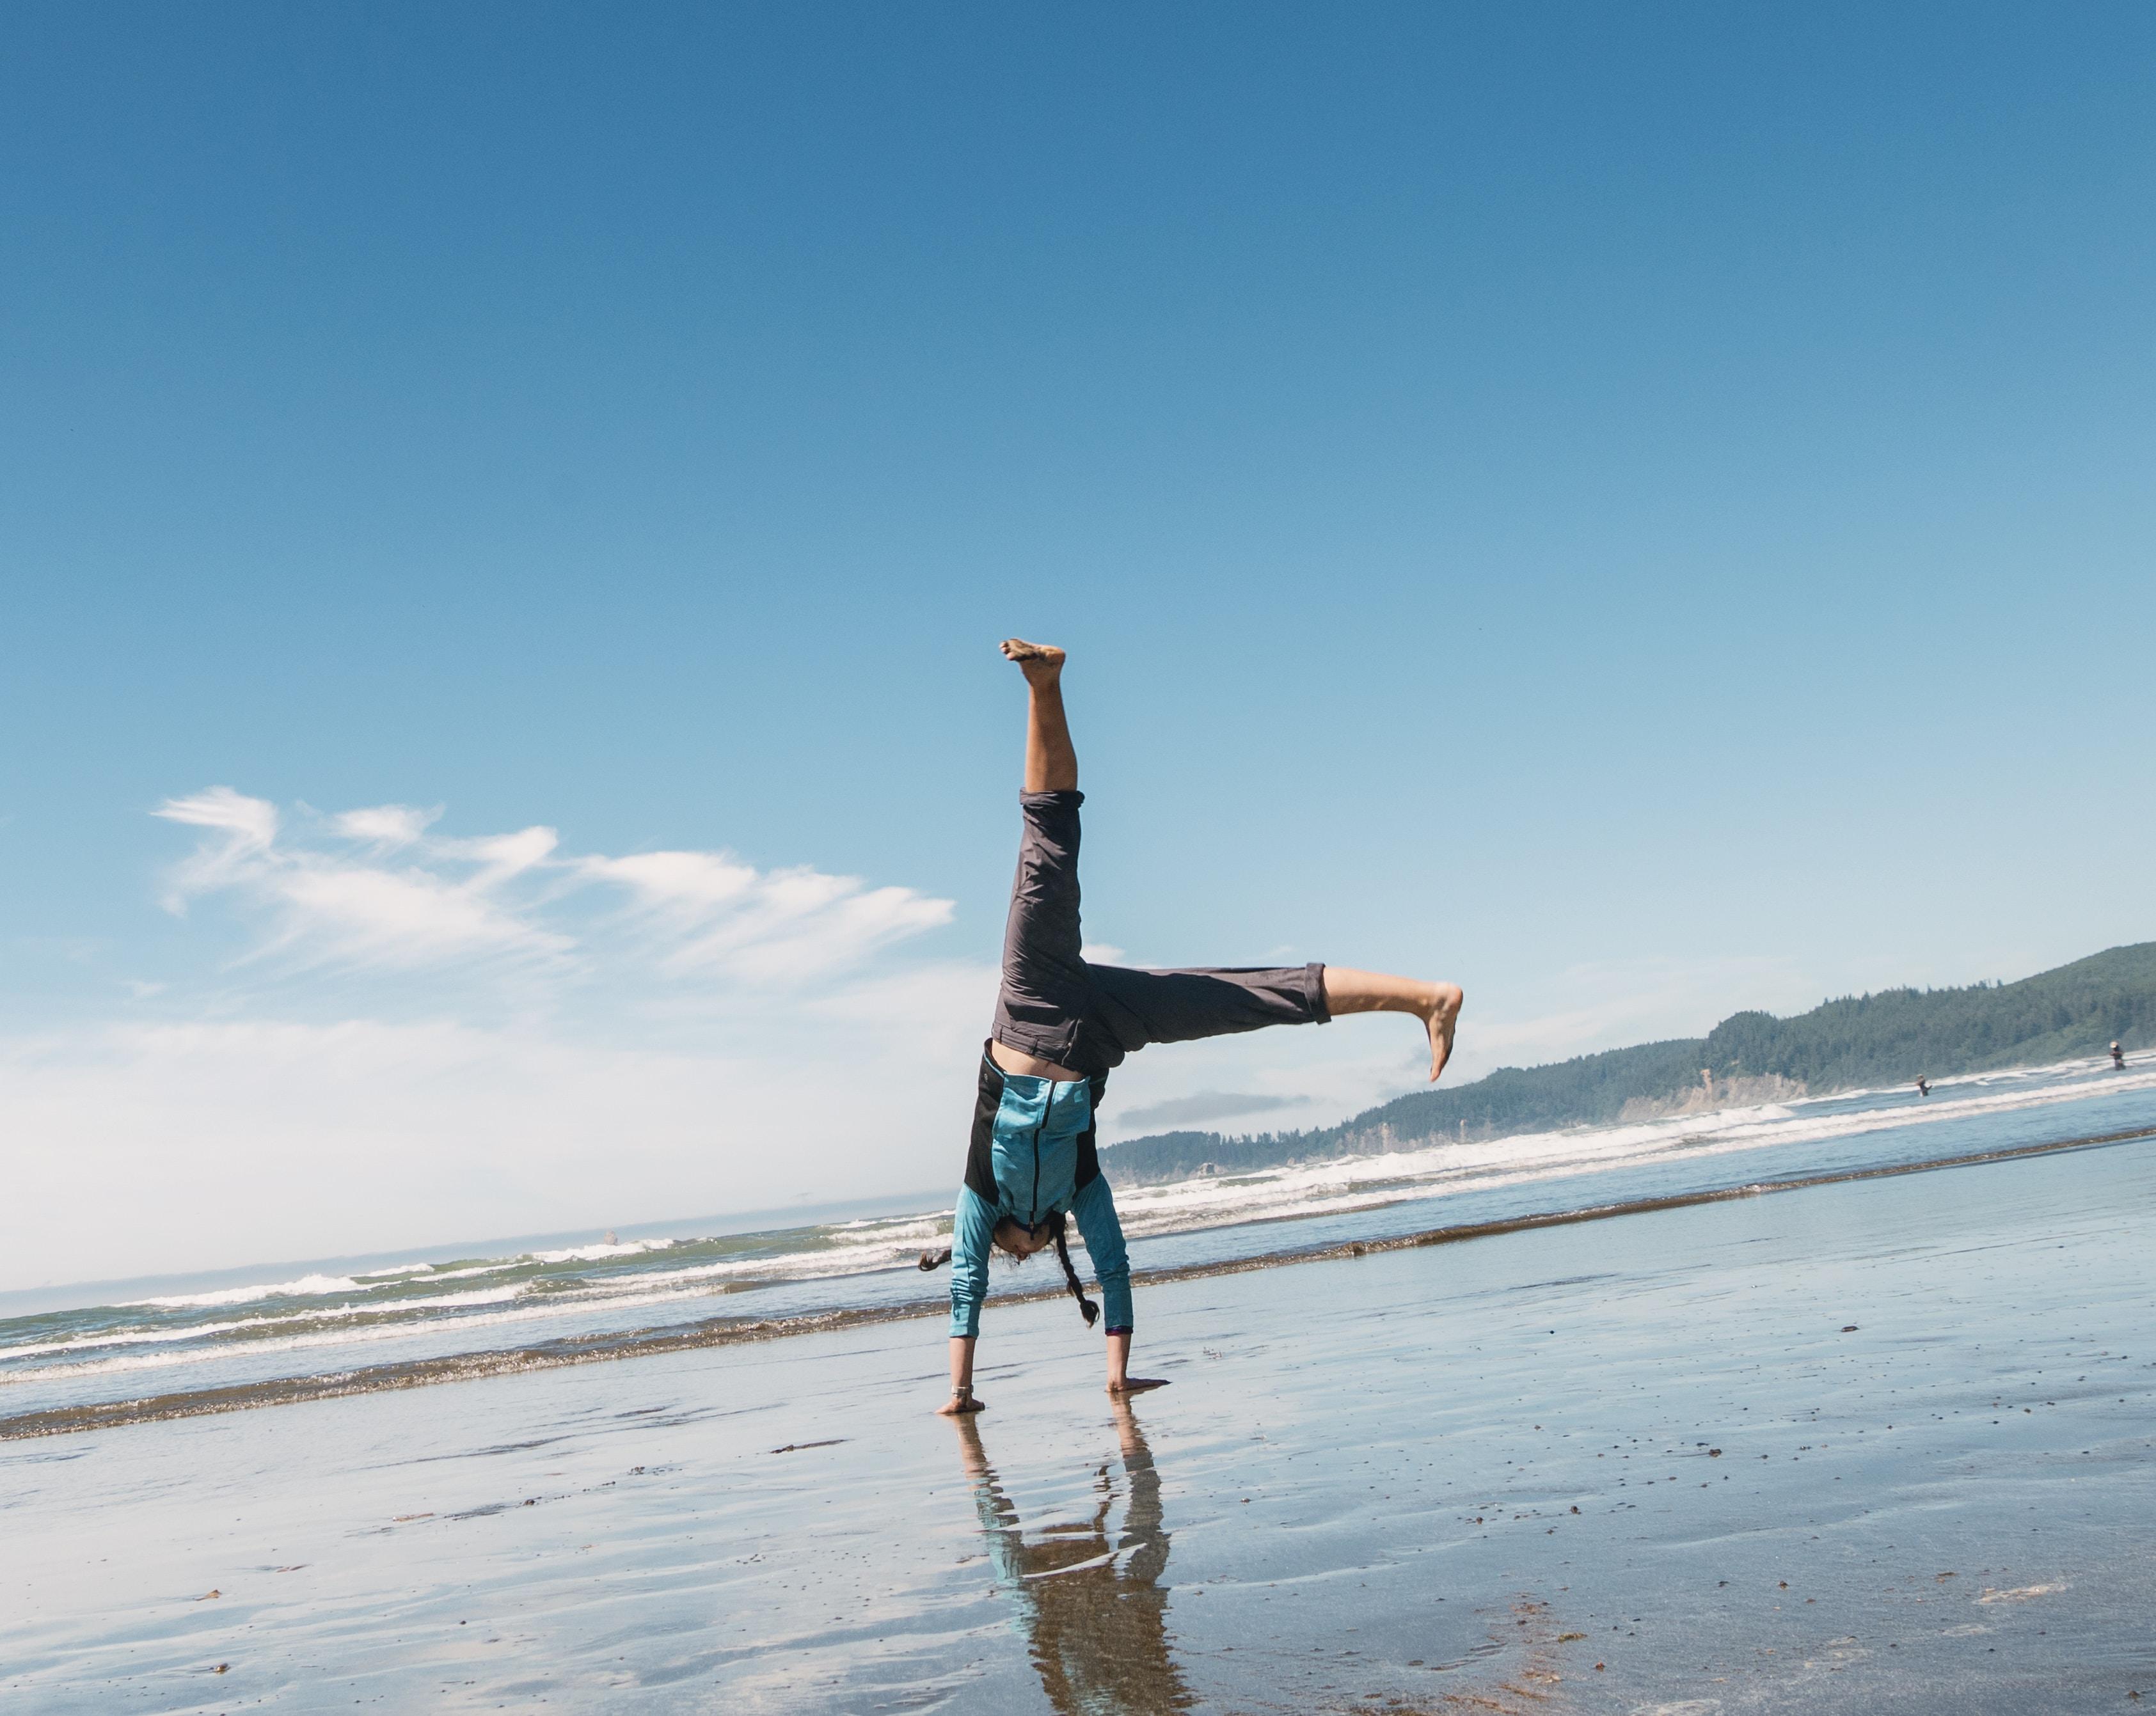 man doing a stunt on beach